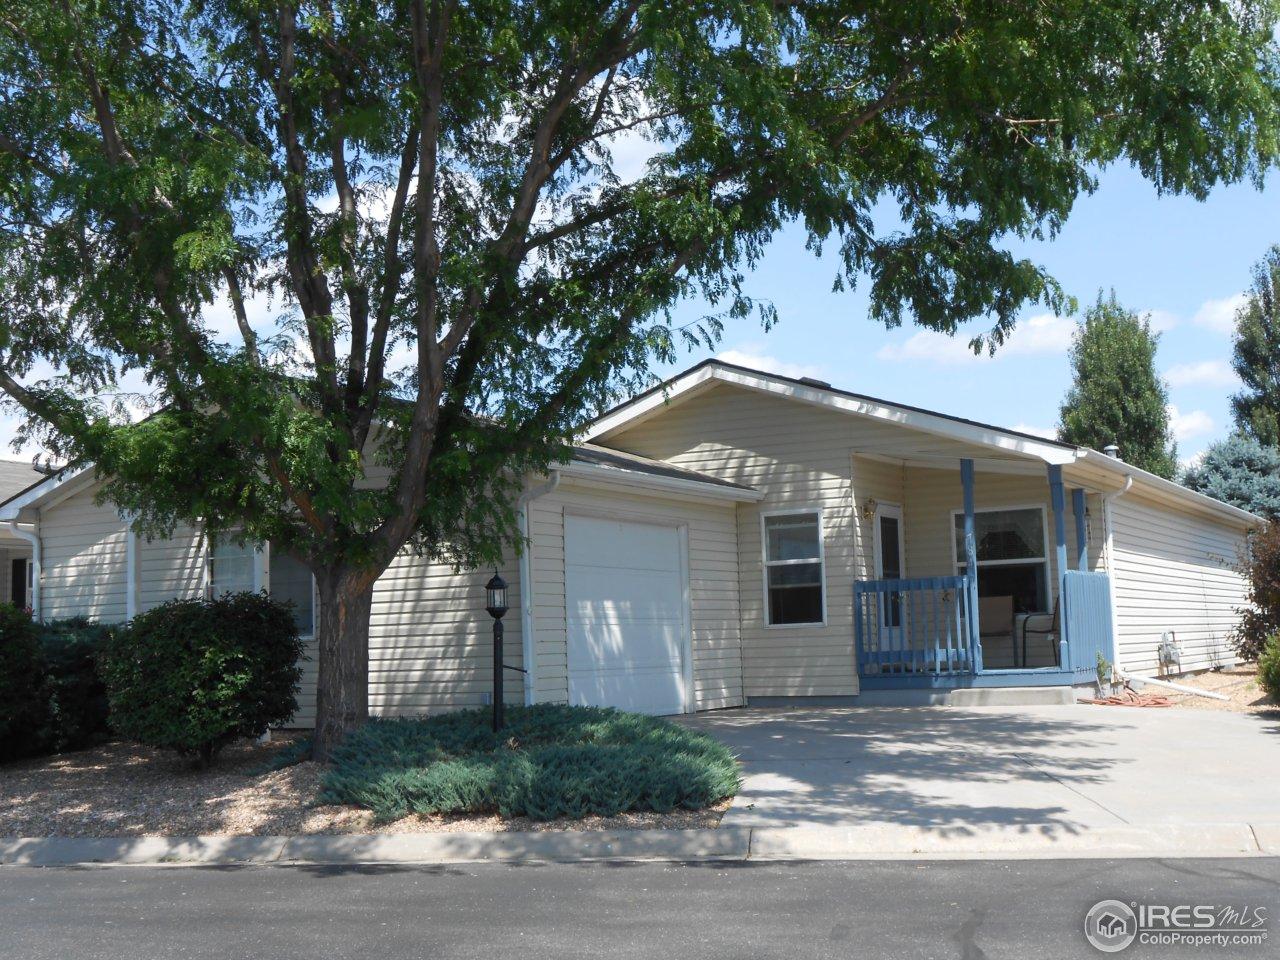 784 Vitala Dr, Fort Collins, CO 80524